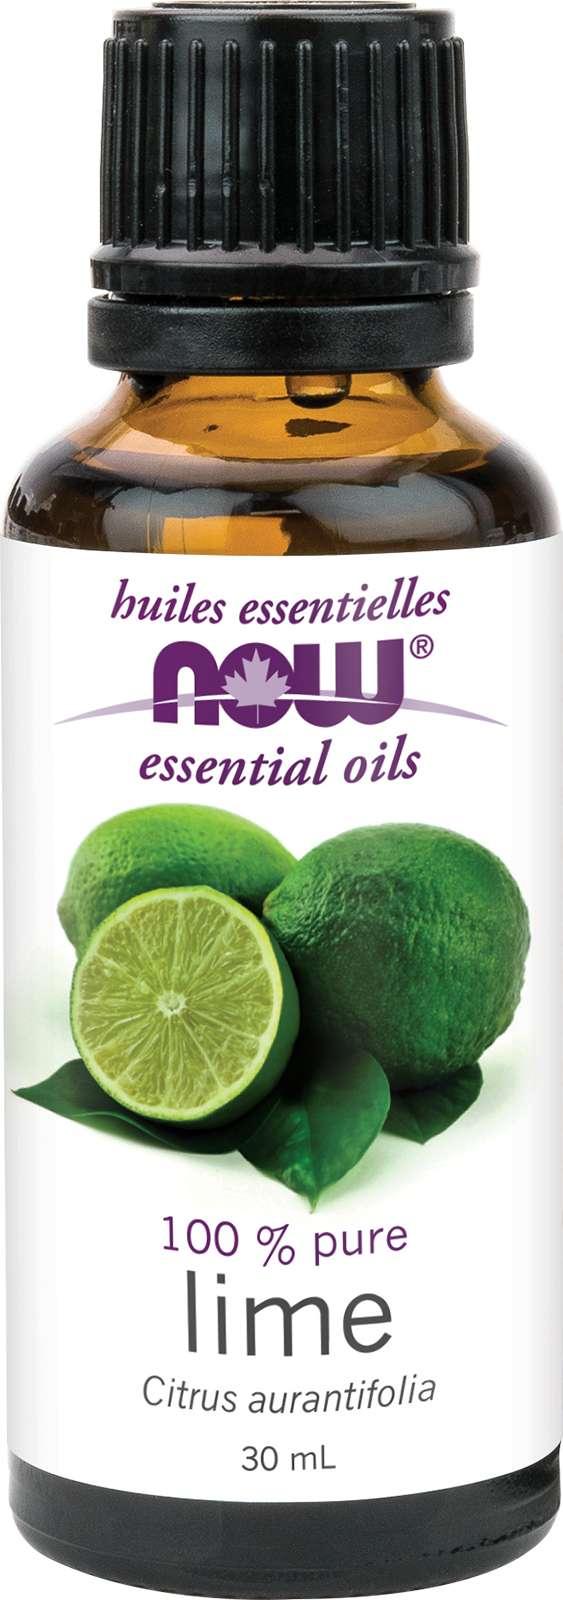 Lime Oil (Citrus aurantifolia) 30mL